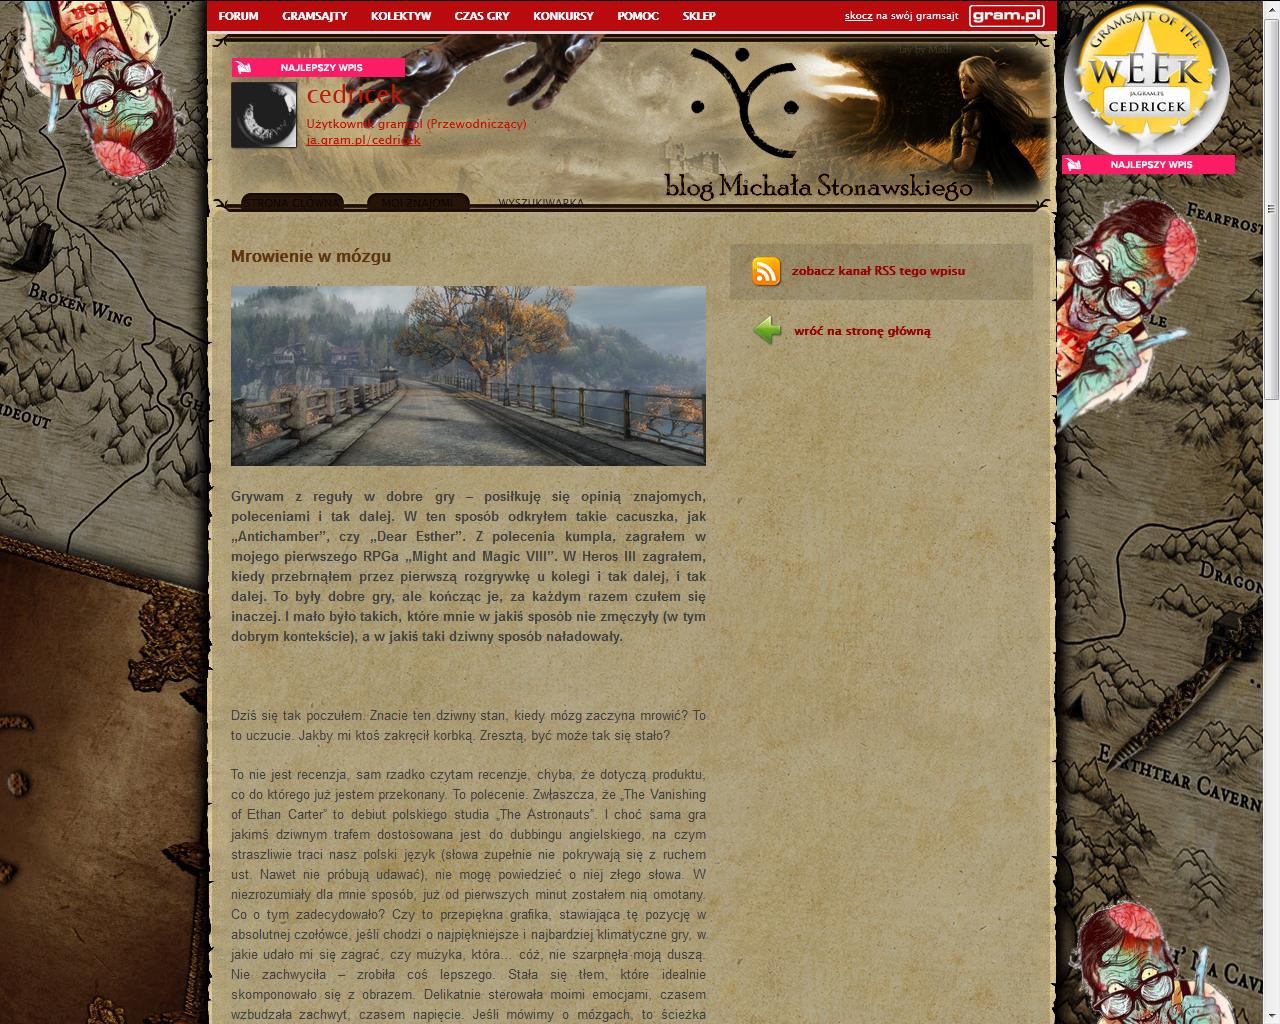 Co w gramsajtach piszczy #111 - O Ethanie Carterze, grach cRPG i filmie Miasto 44! - obrazek 2